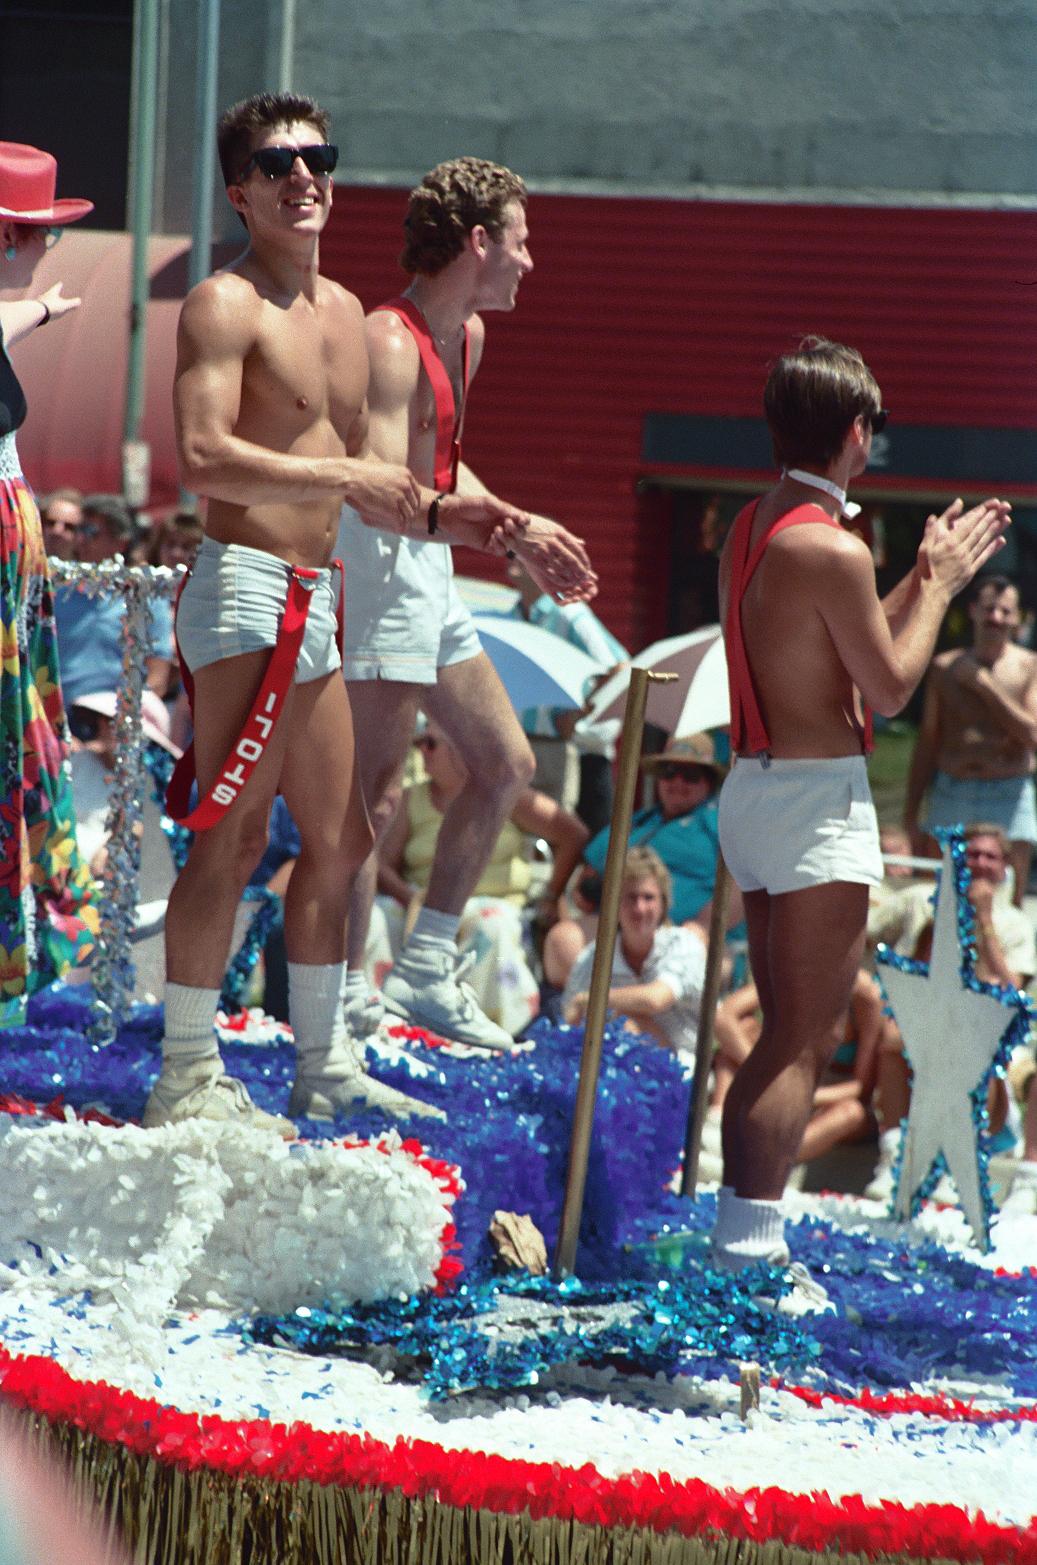 la-pride-1987-1995_21689690323_o